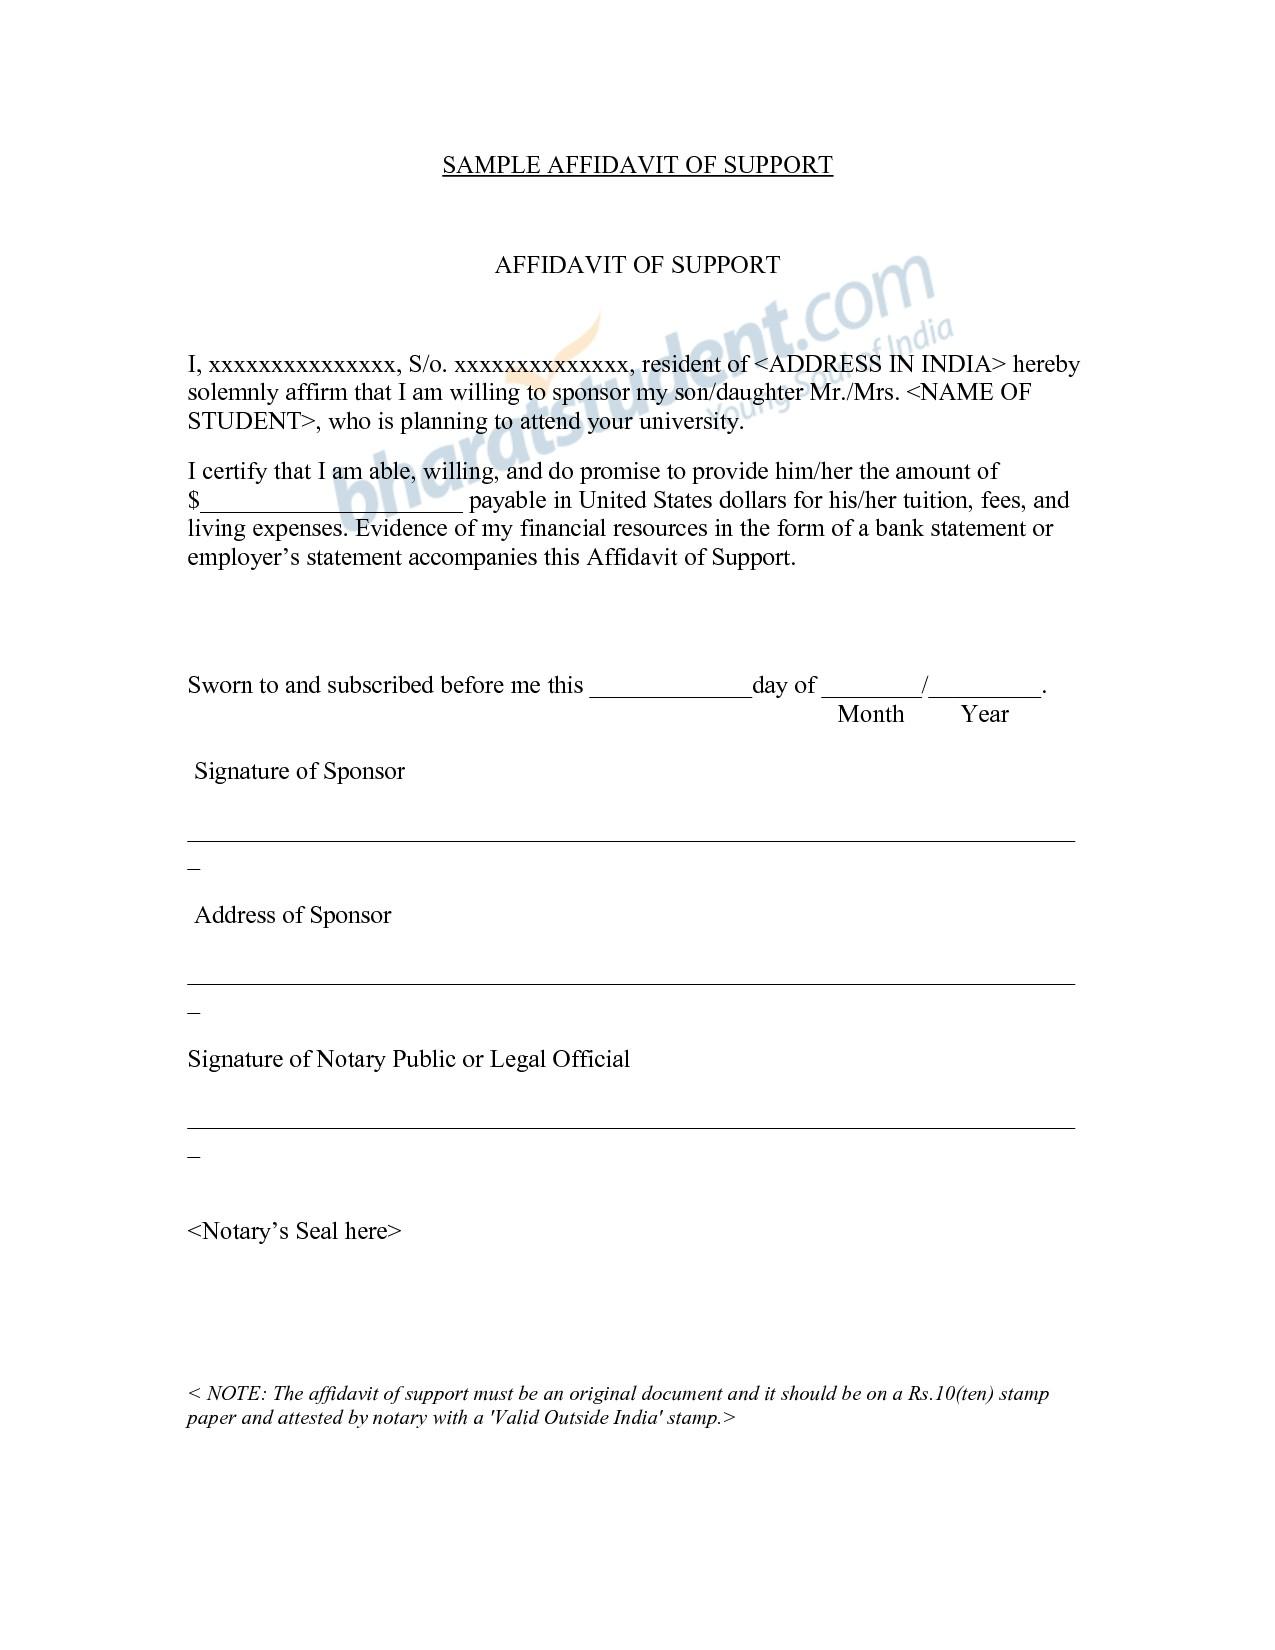 Affidavit Of Support Template Letter - Sample Affidavit Support Letter for Student Visa Save Affidavit